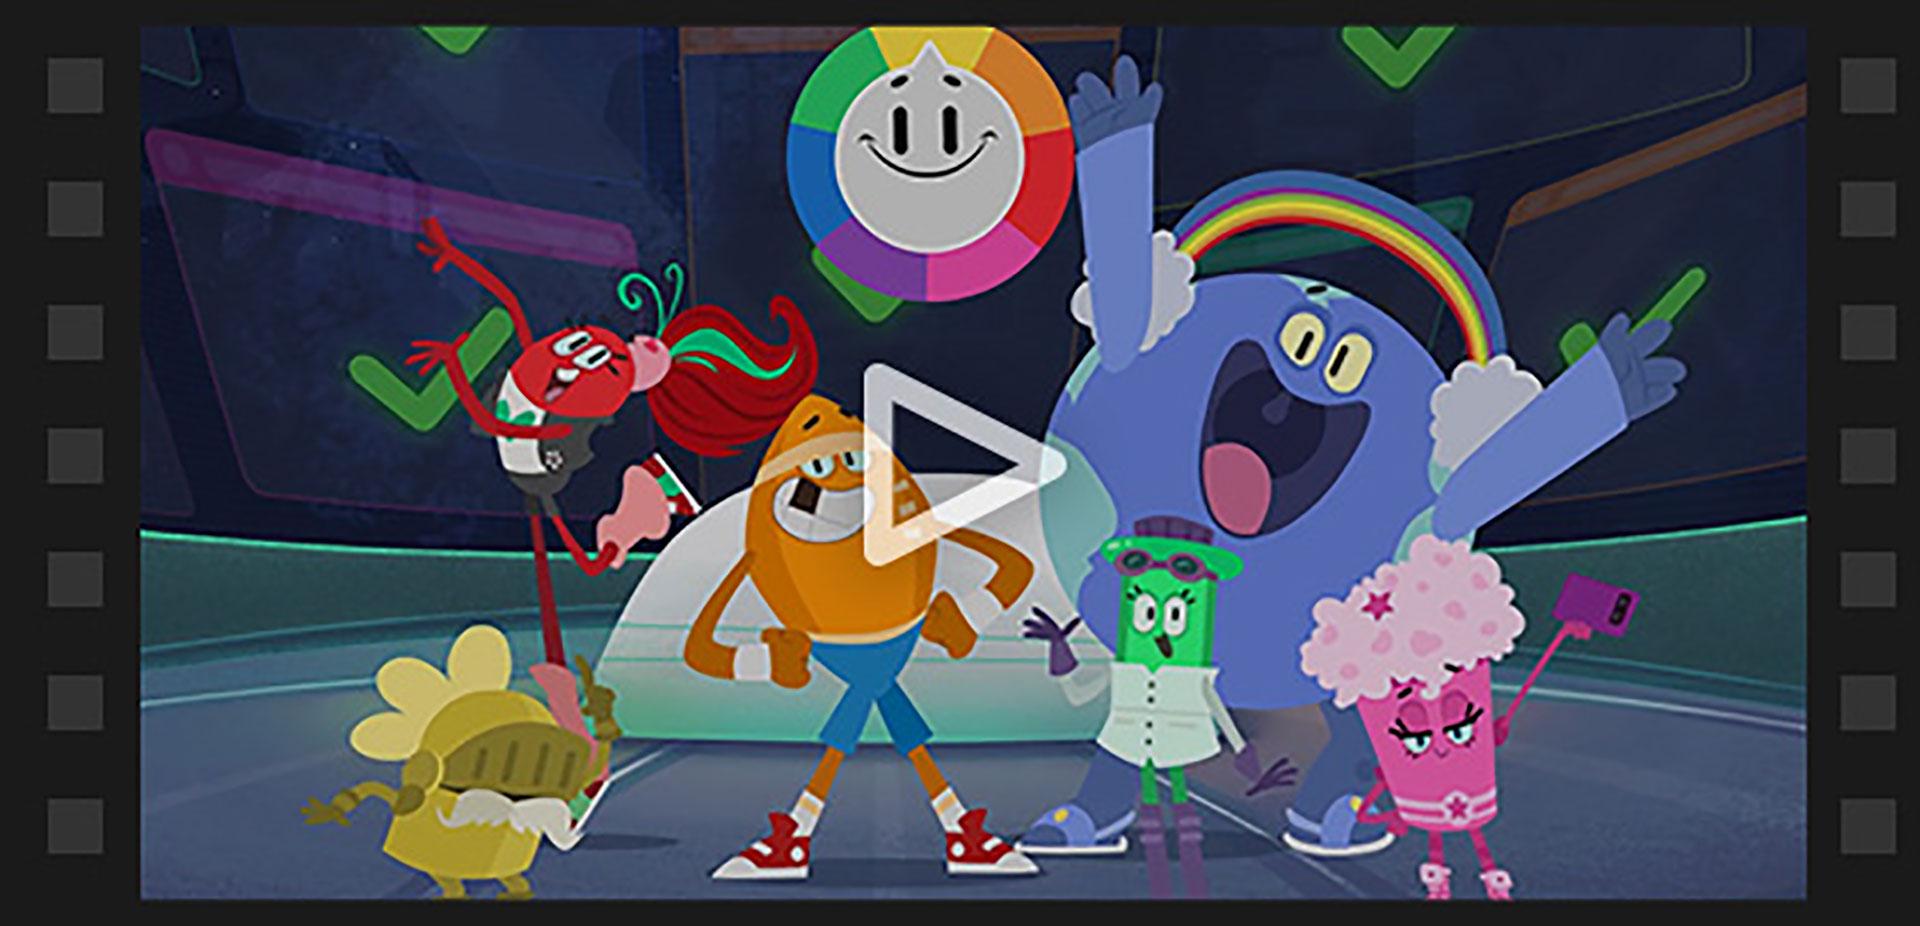 Preguntados salta a la pantalla de tevé este año con una serie animada para chicos